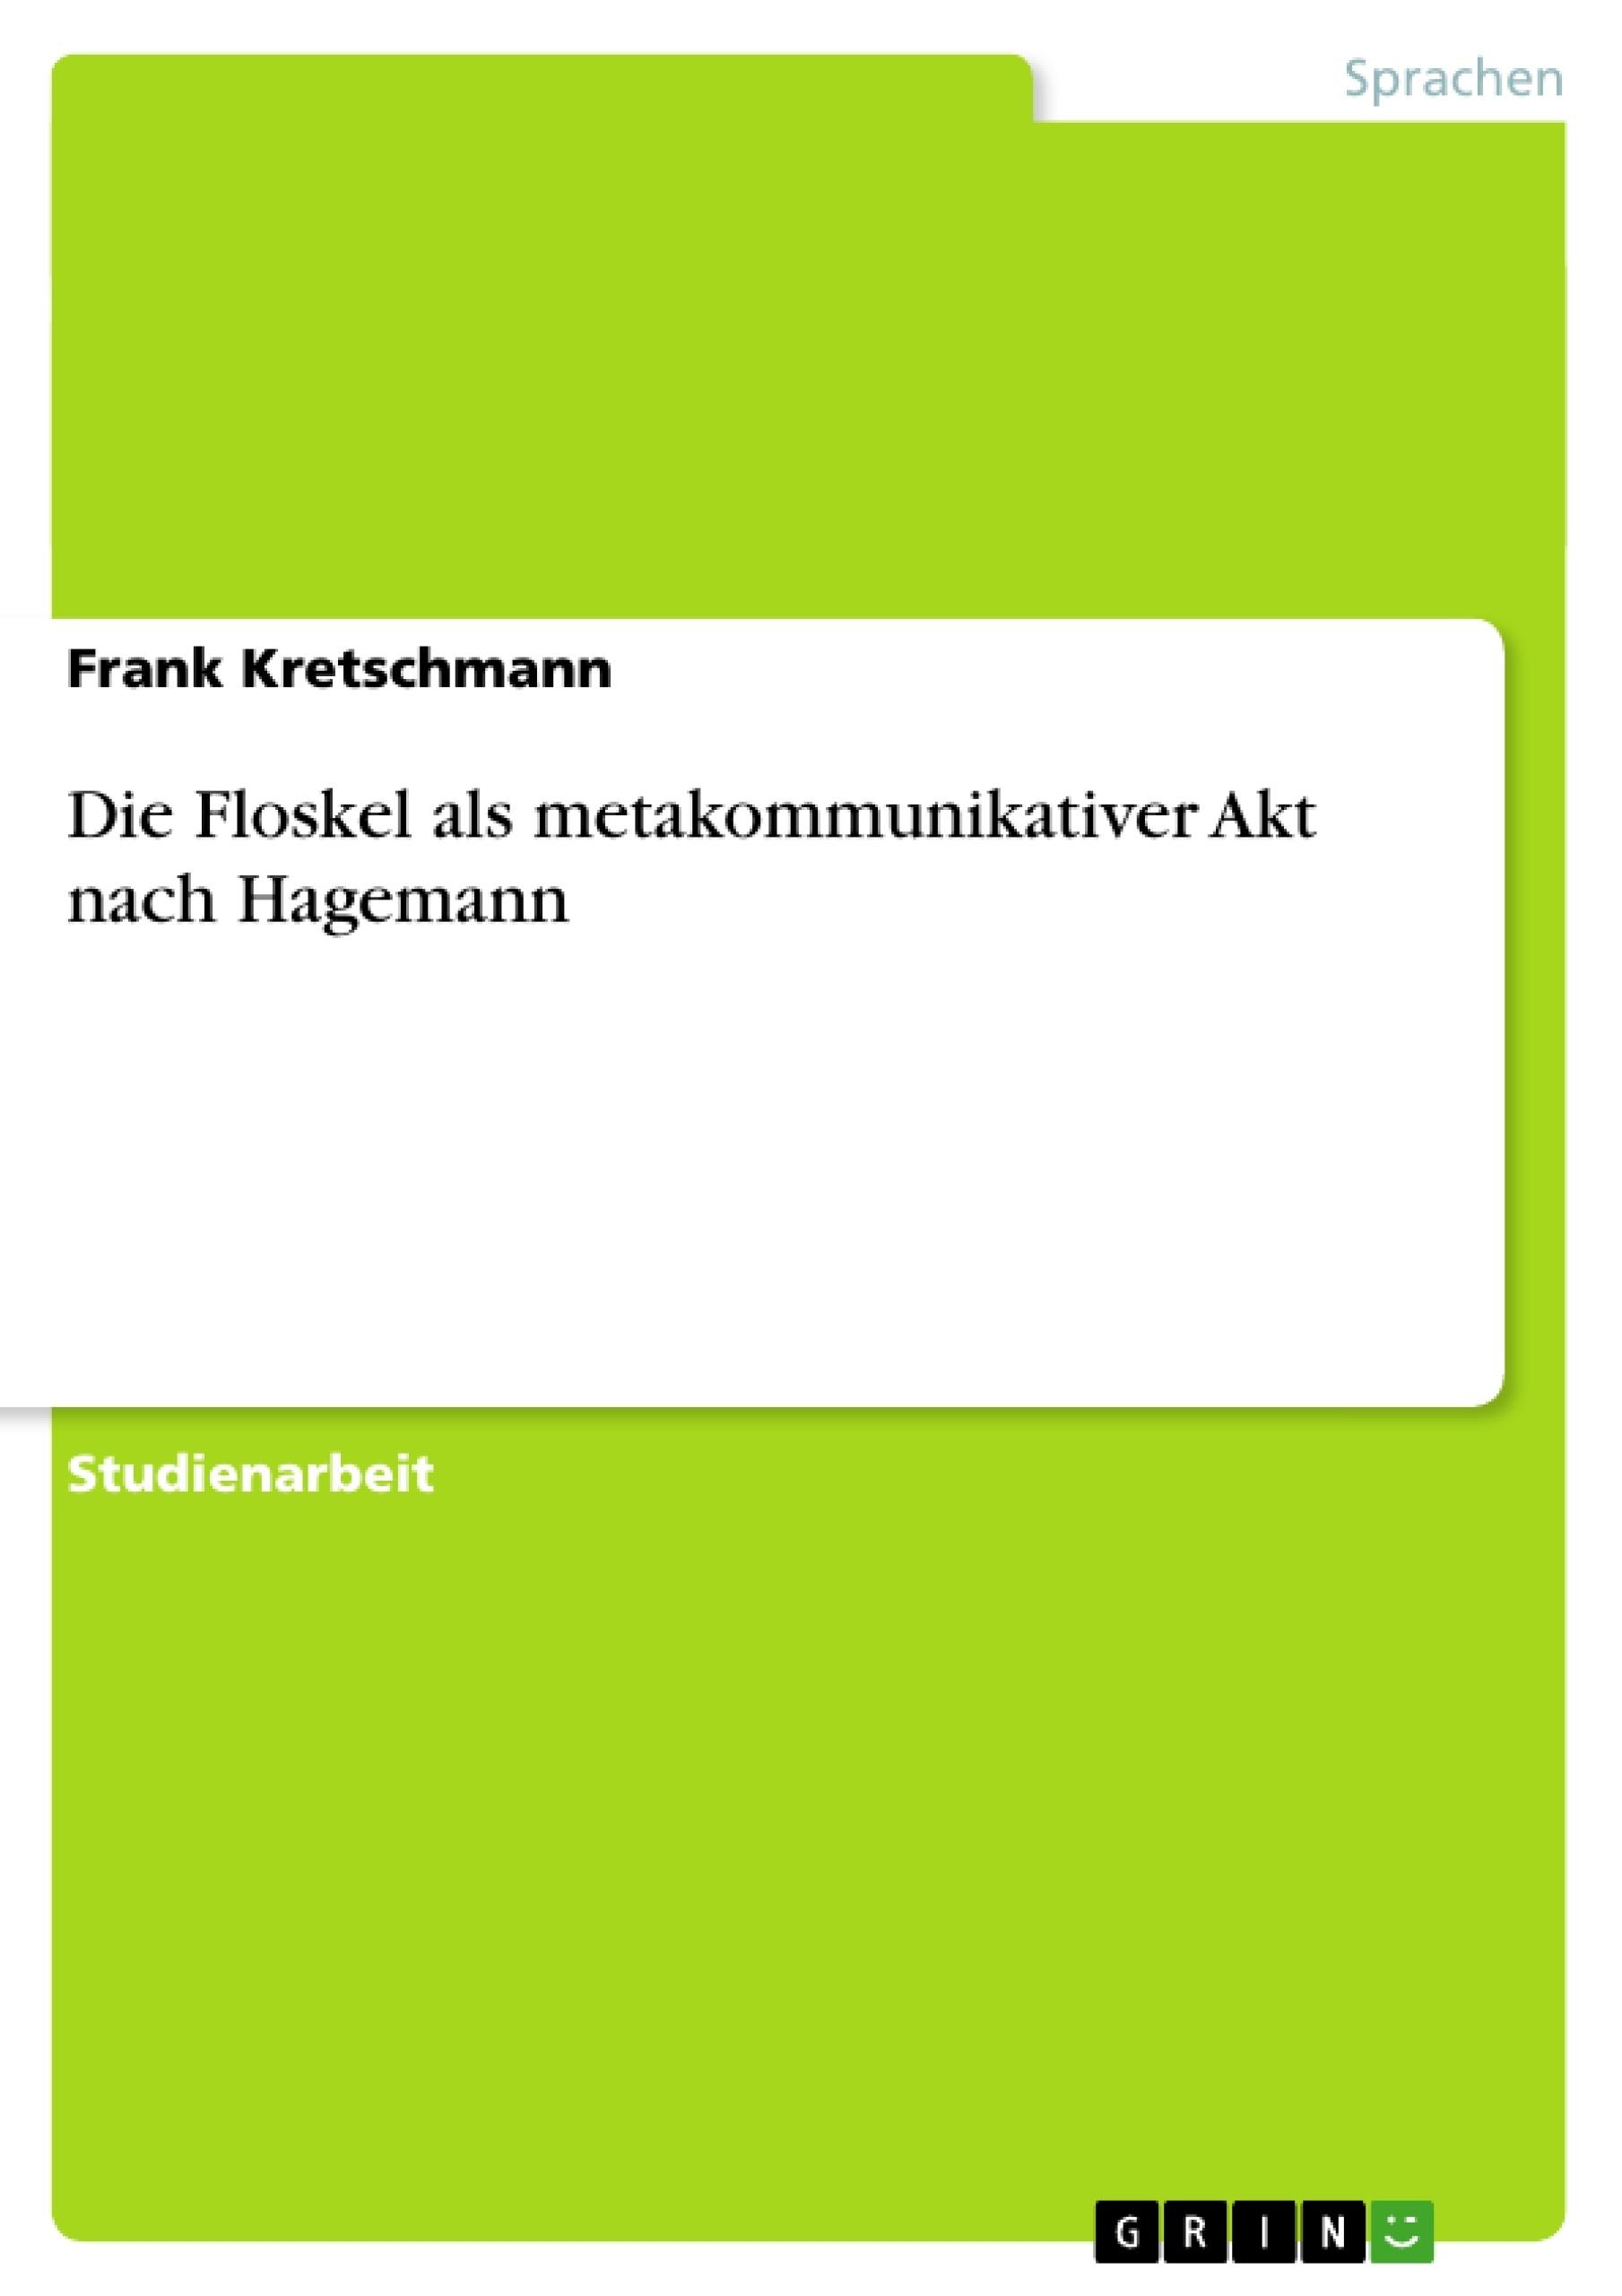 Titel: Die Floskel als metakommunikativer Akt nach Hagemann